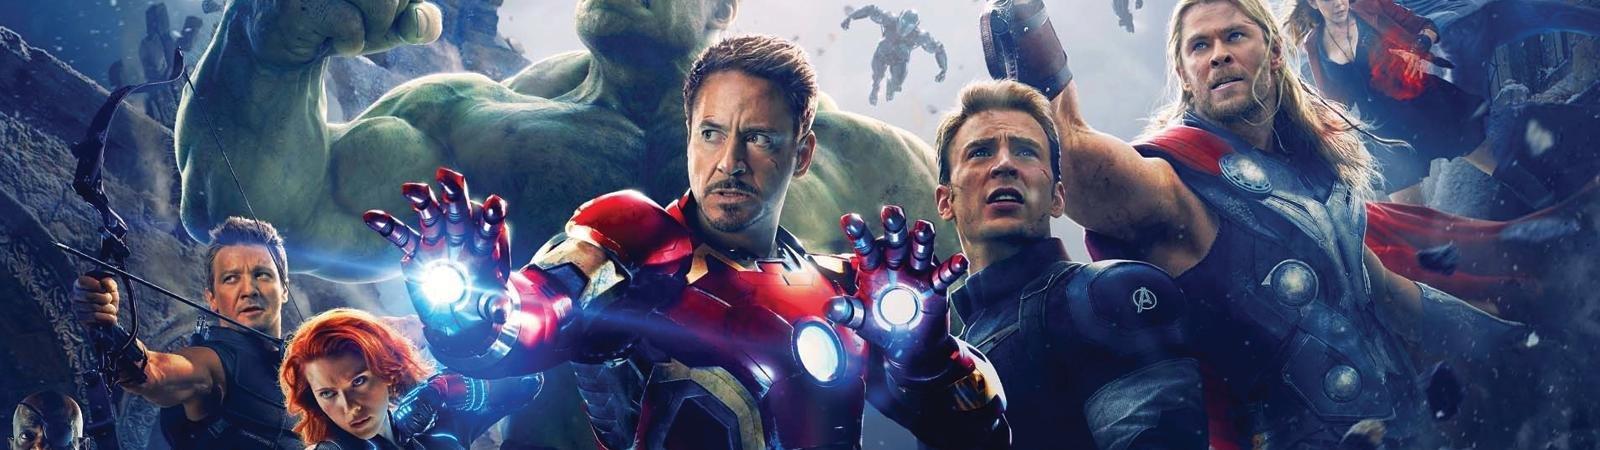 Photo du film : Avengers : L'ère d'Ultron